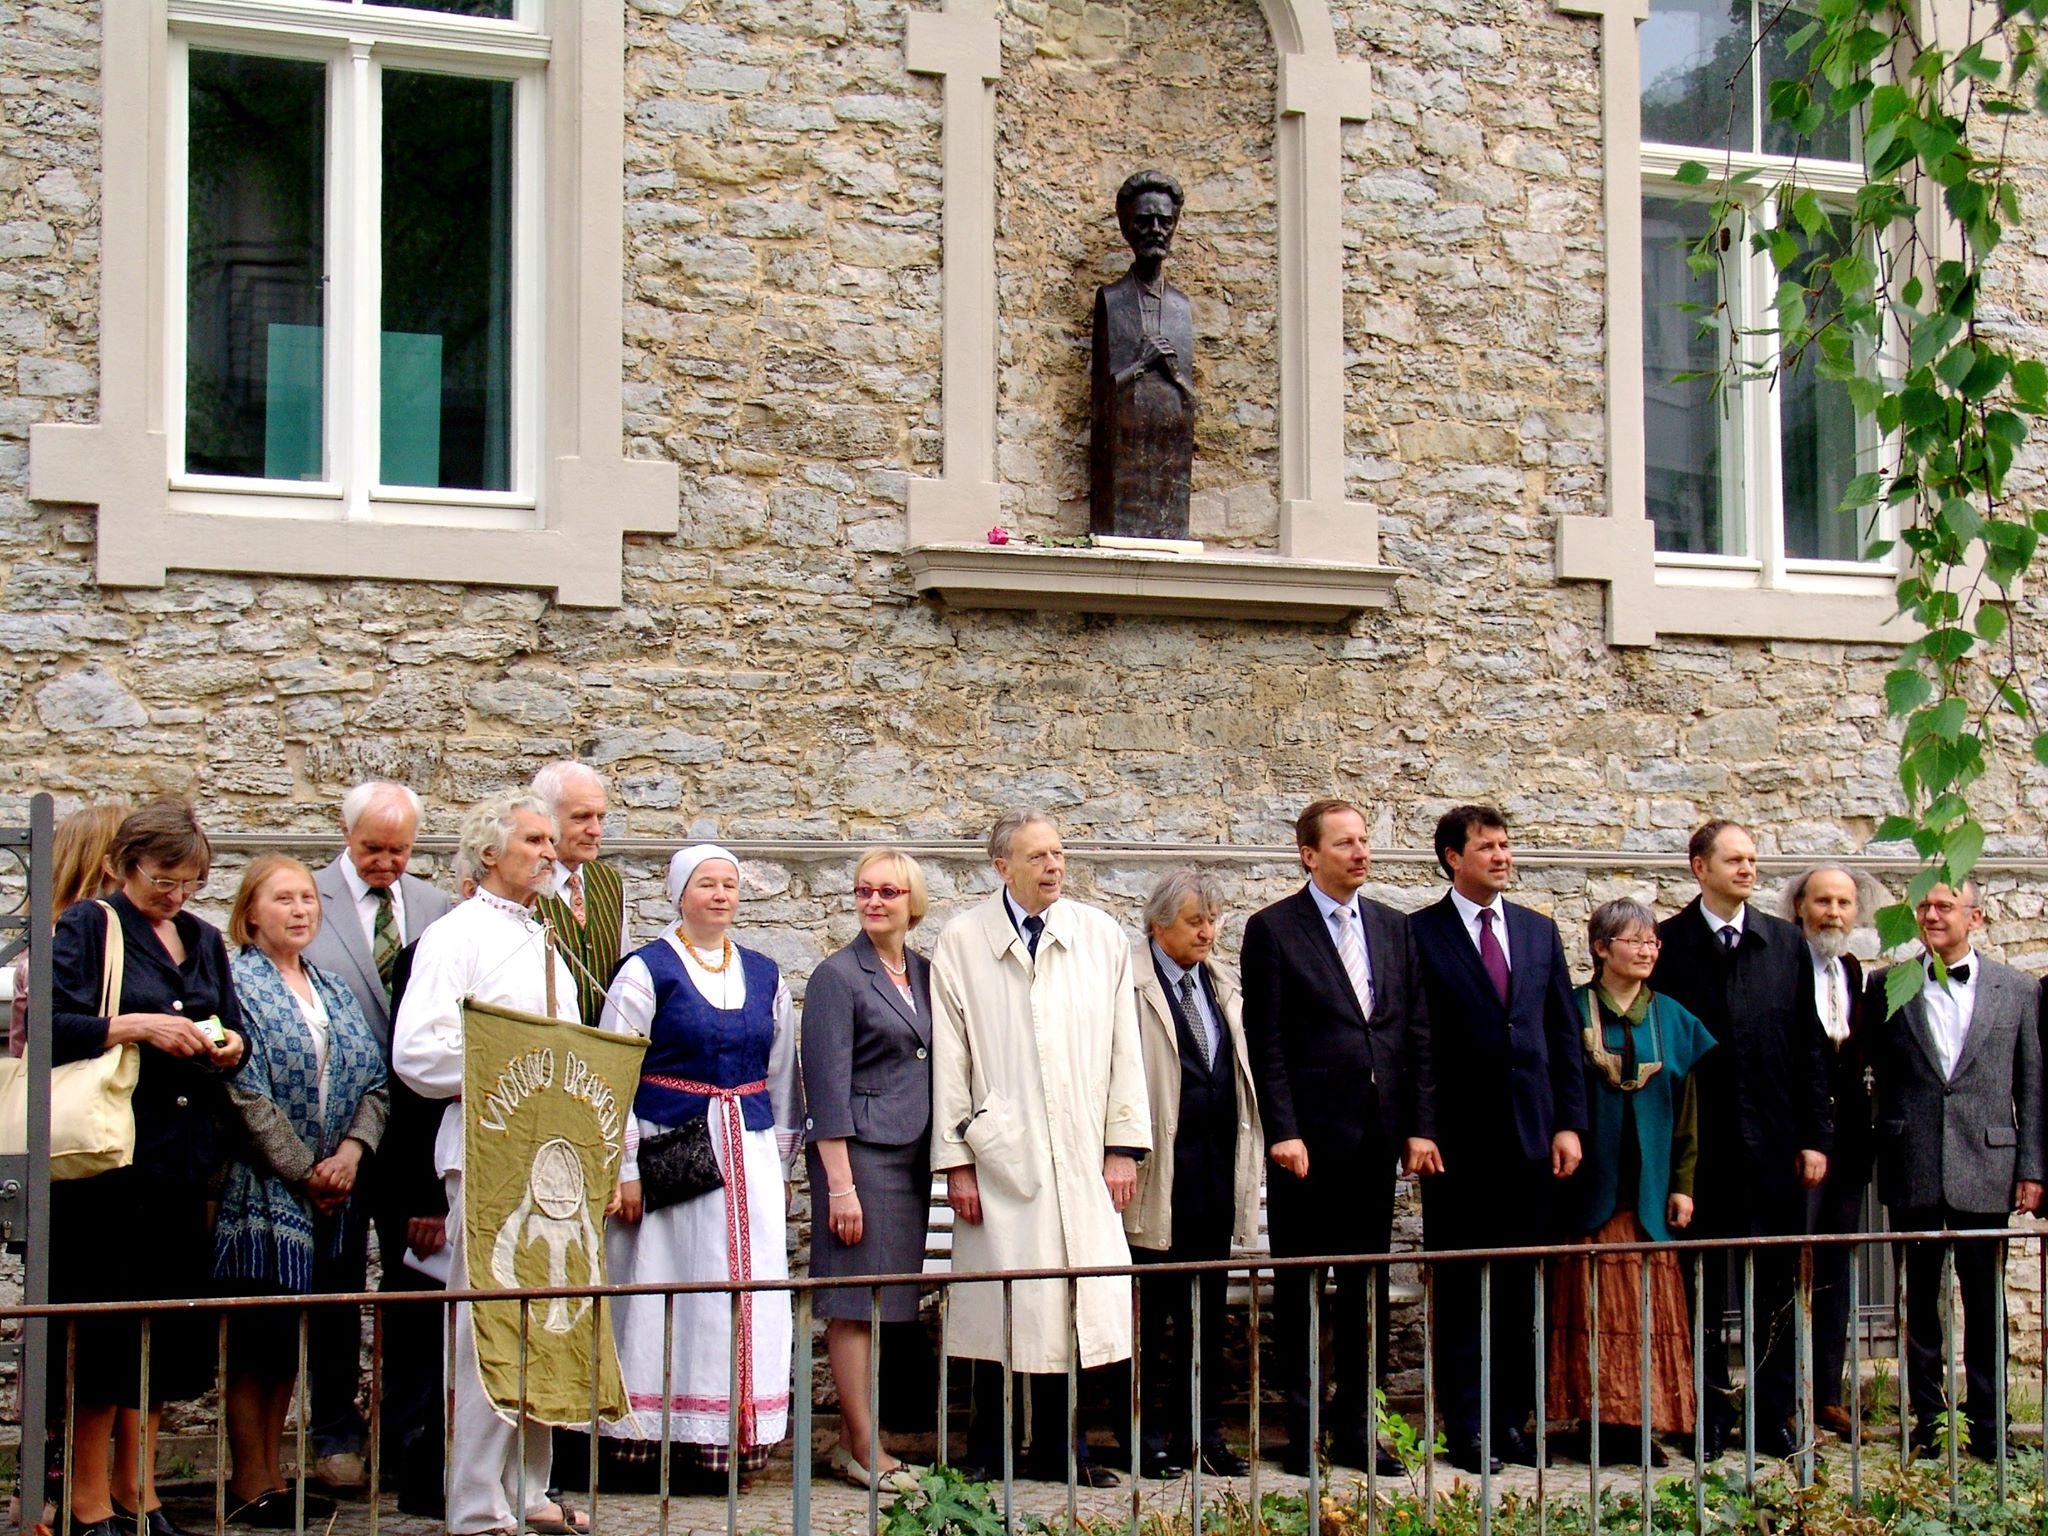 Vydūno draugijos nariai Detmolde (Vokietijoje) prie Liongino Garlos sukurtos bronzinės Vydūno skulptūros. Šiame mieste Vydūnas praleido paskutinius gyvenimo metus. 2013 m. | V. Bagdonavičiaus asmeninė nuotr.